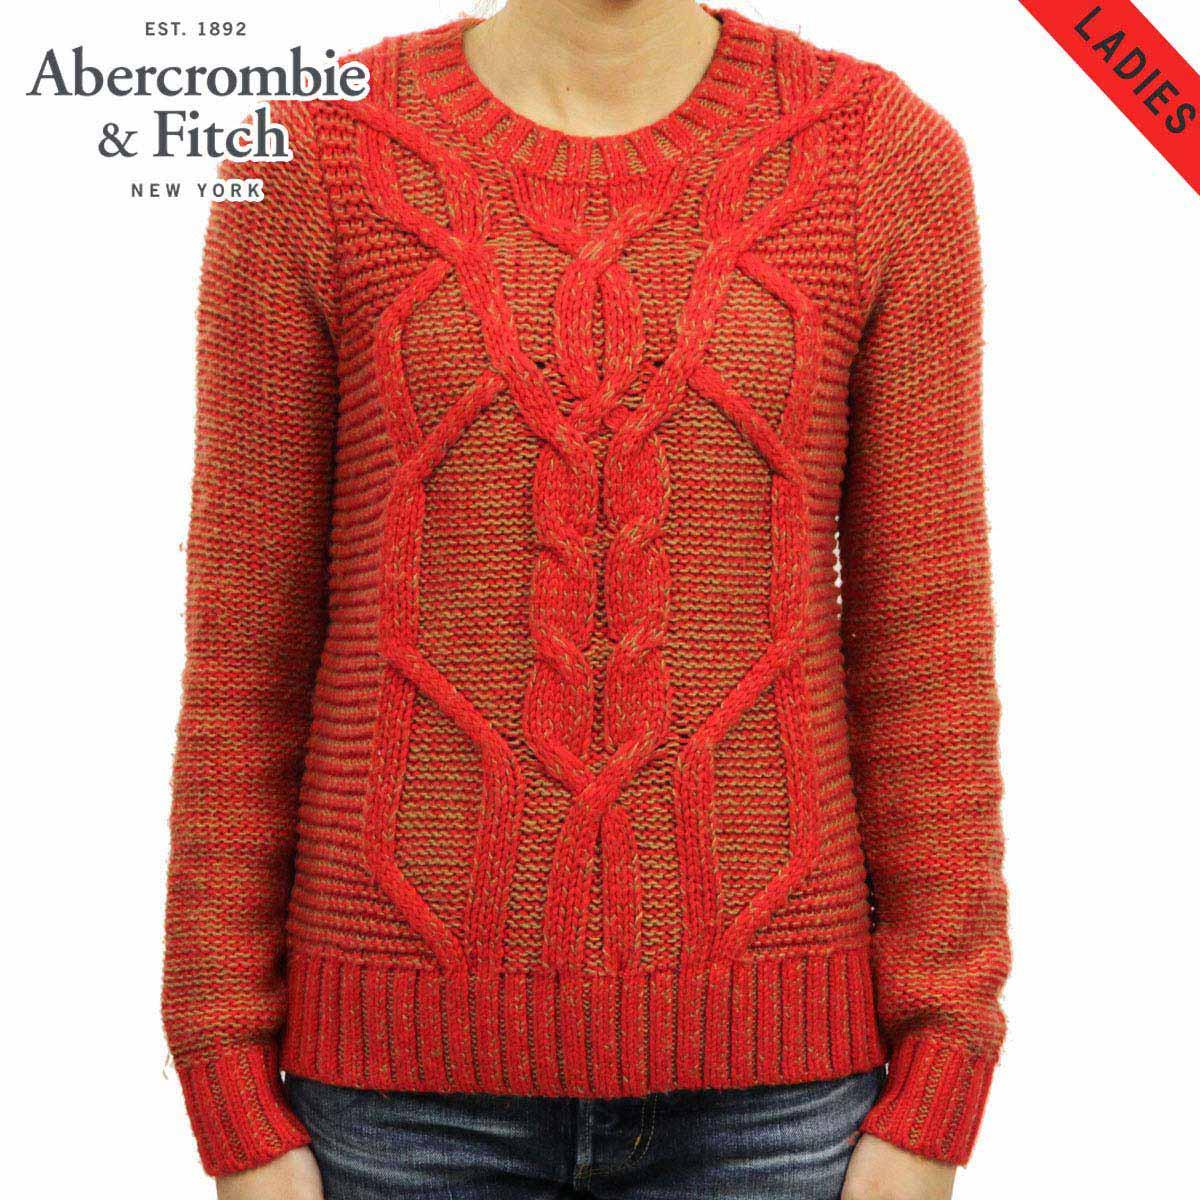 アバクロ Abercrombie&Fitch 正規品 レディース セーター CABLE KNIT SWEATER 150-490-0800-500 D00S20